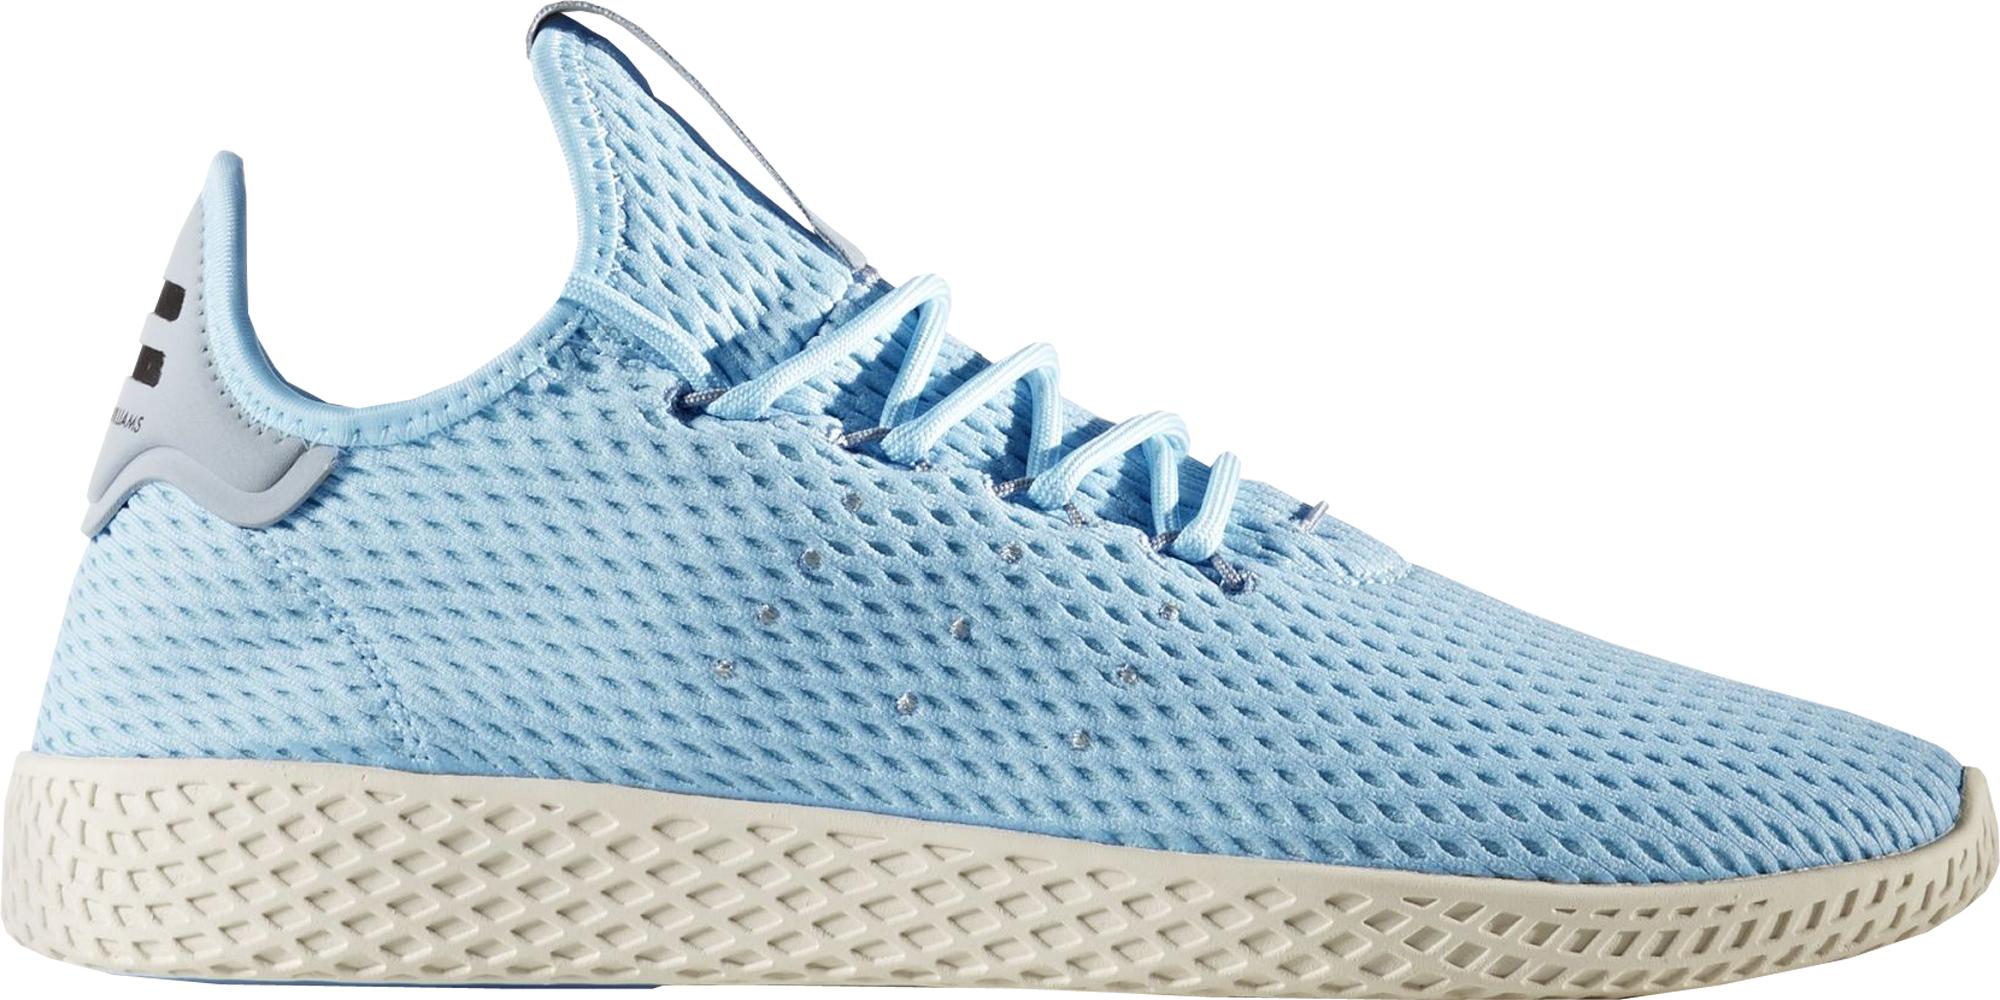 Adidas tenis Hu Pharrell Icey Icey Icey Azul cp9764 530b10